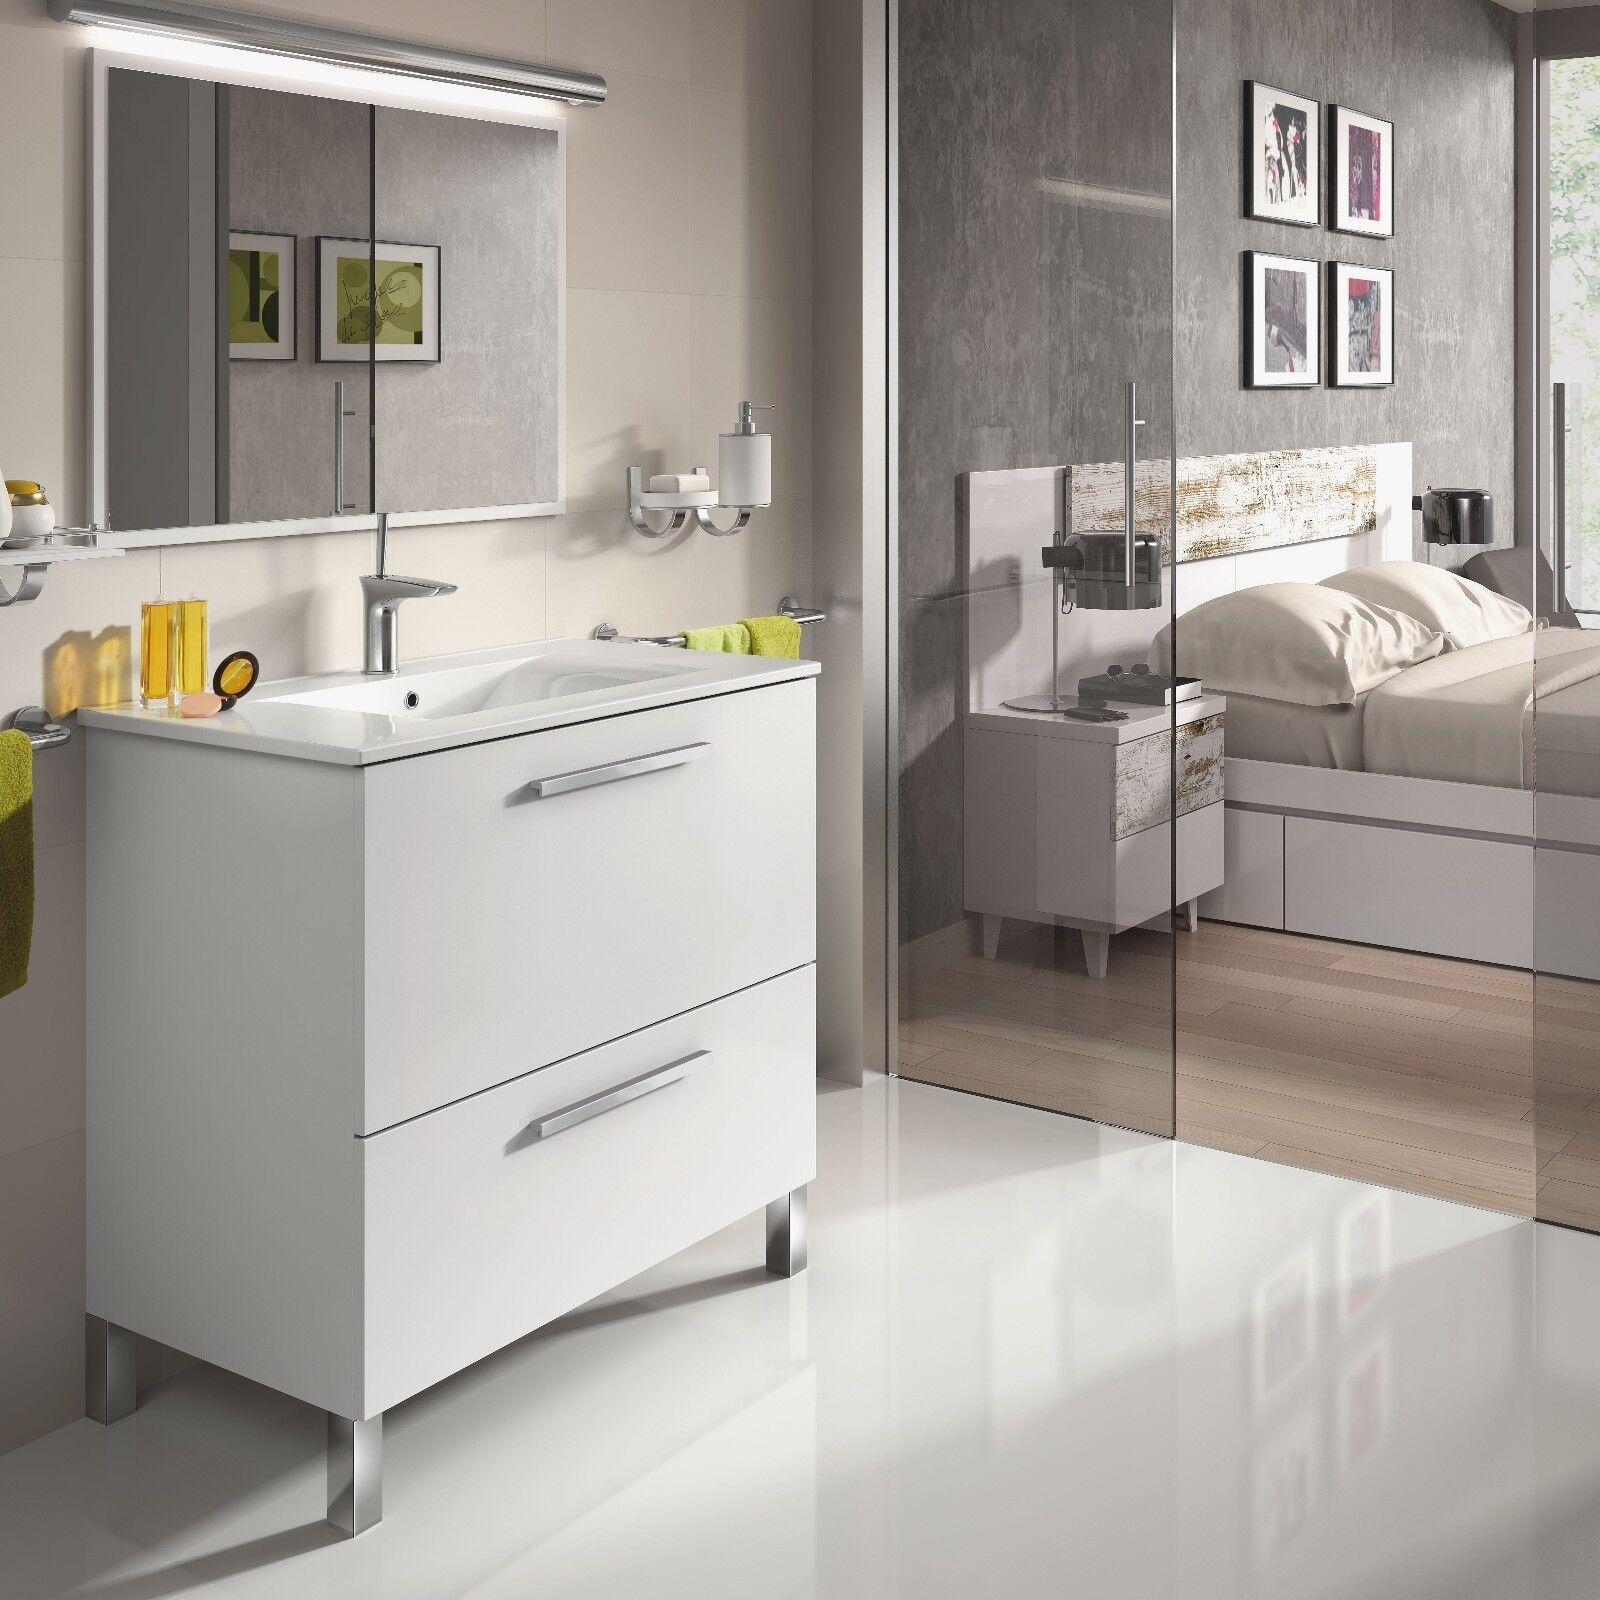 Mueble de baño con espejo y lavamanos, todo en Blanco 80x80x45cm